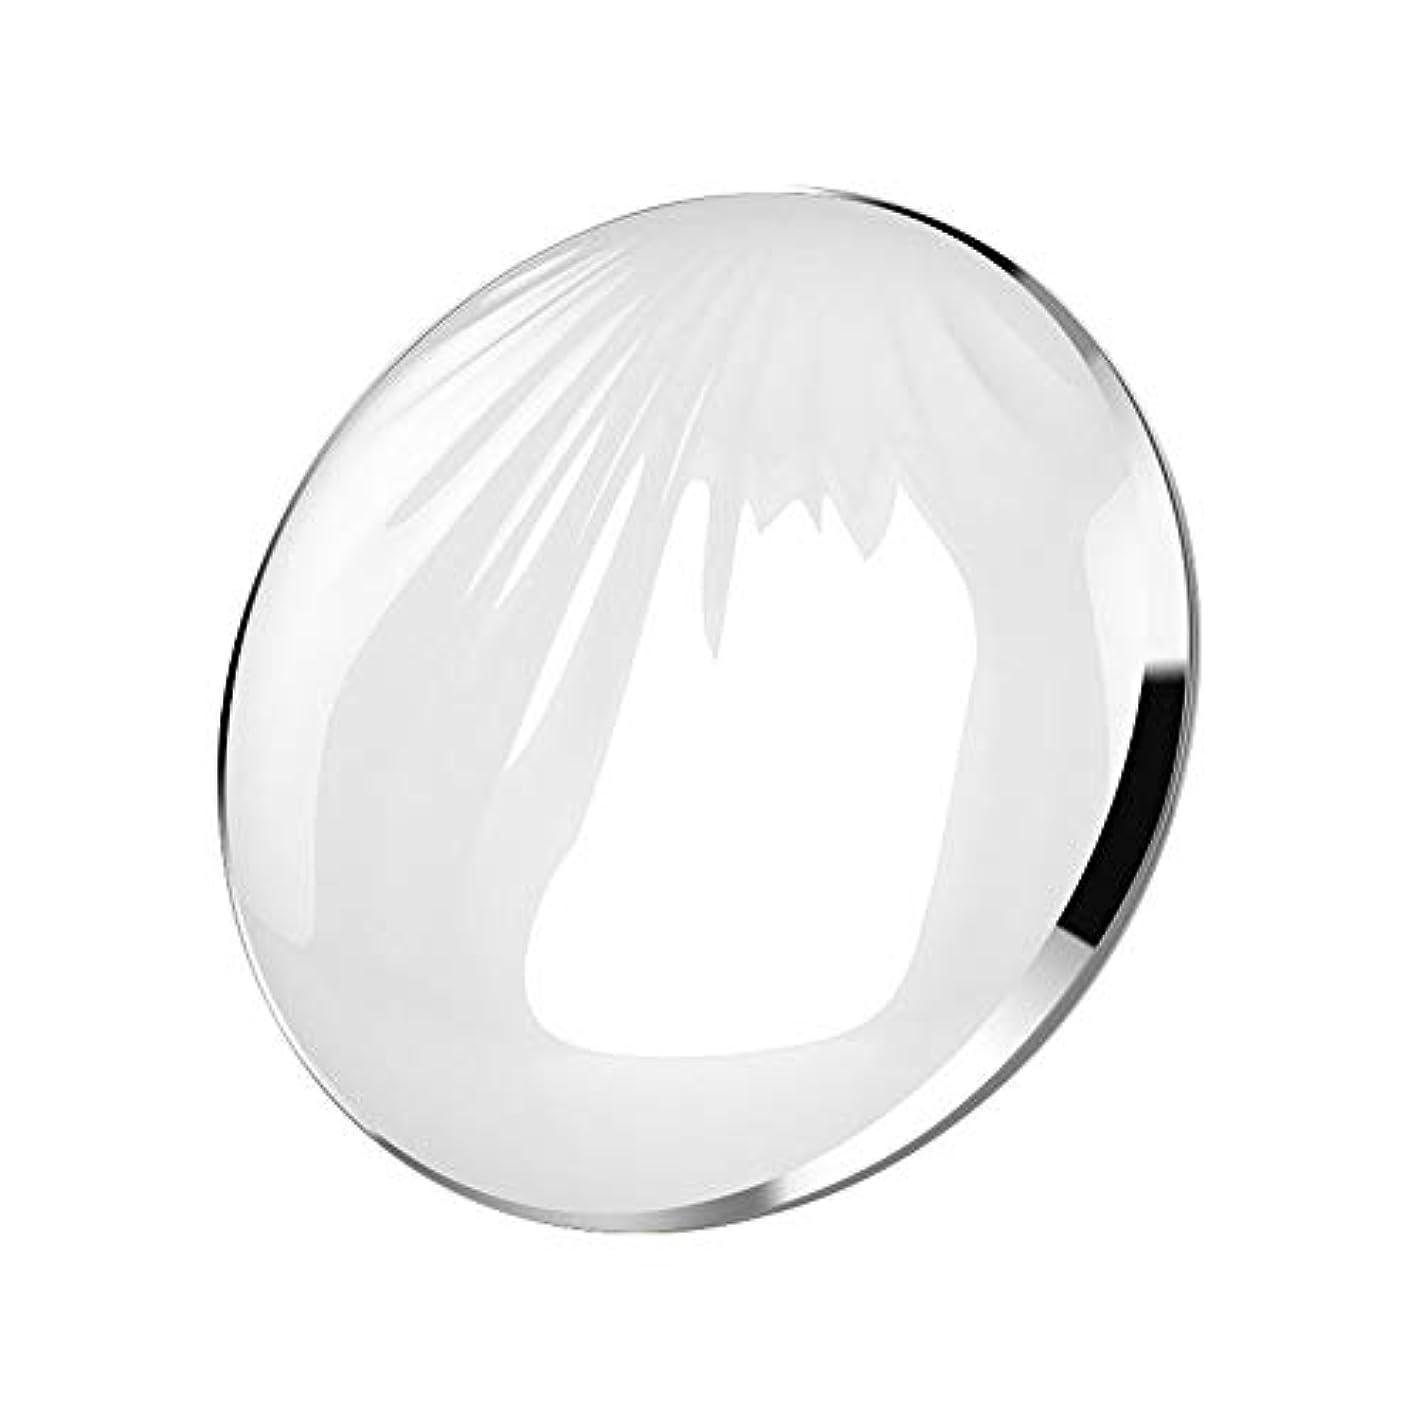 地下元に戻すチェスをする流行の クリエイティブled化粧鏡シェルポータブル折りたたみ式フィルライトusbモバイル充電宝美容鏡化粧台ミラーピンクシルバーコールドライトウォームライトミックスライト (色 : Silver)